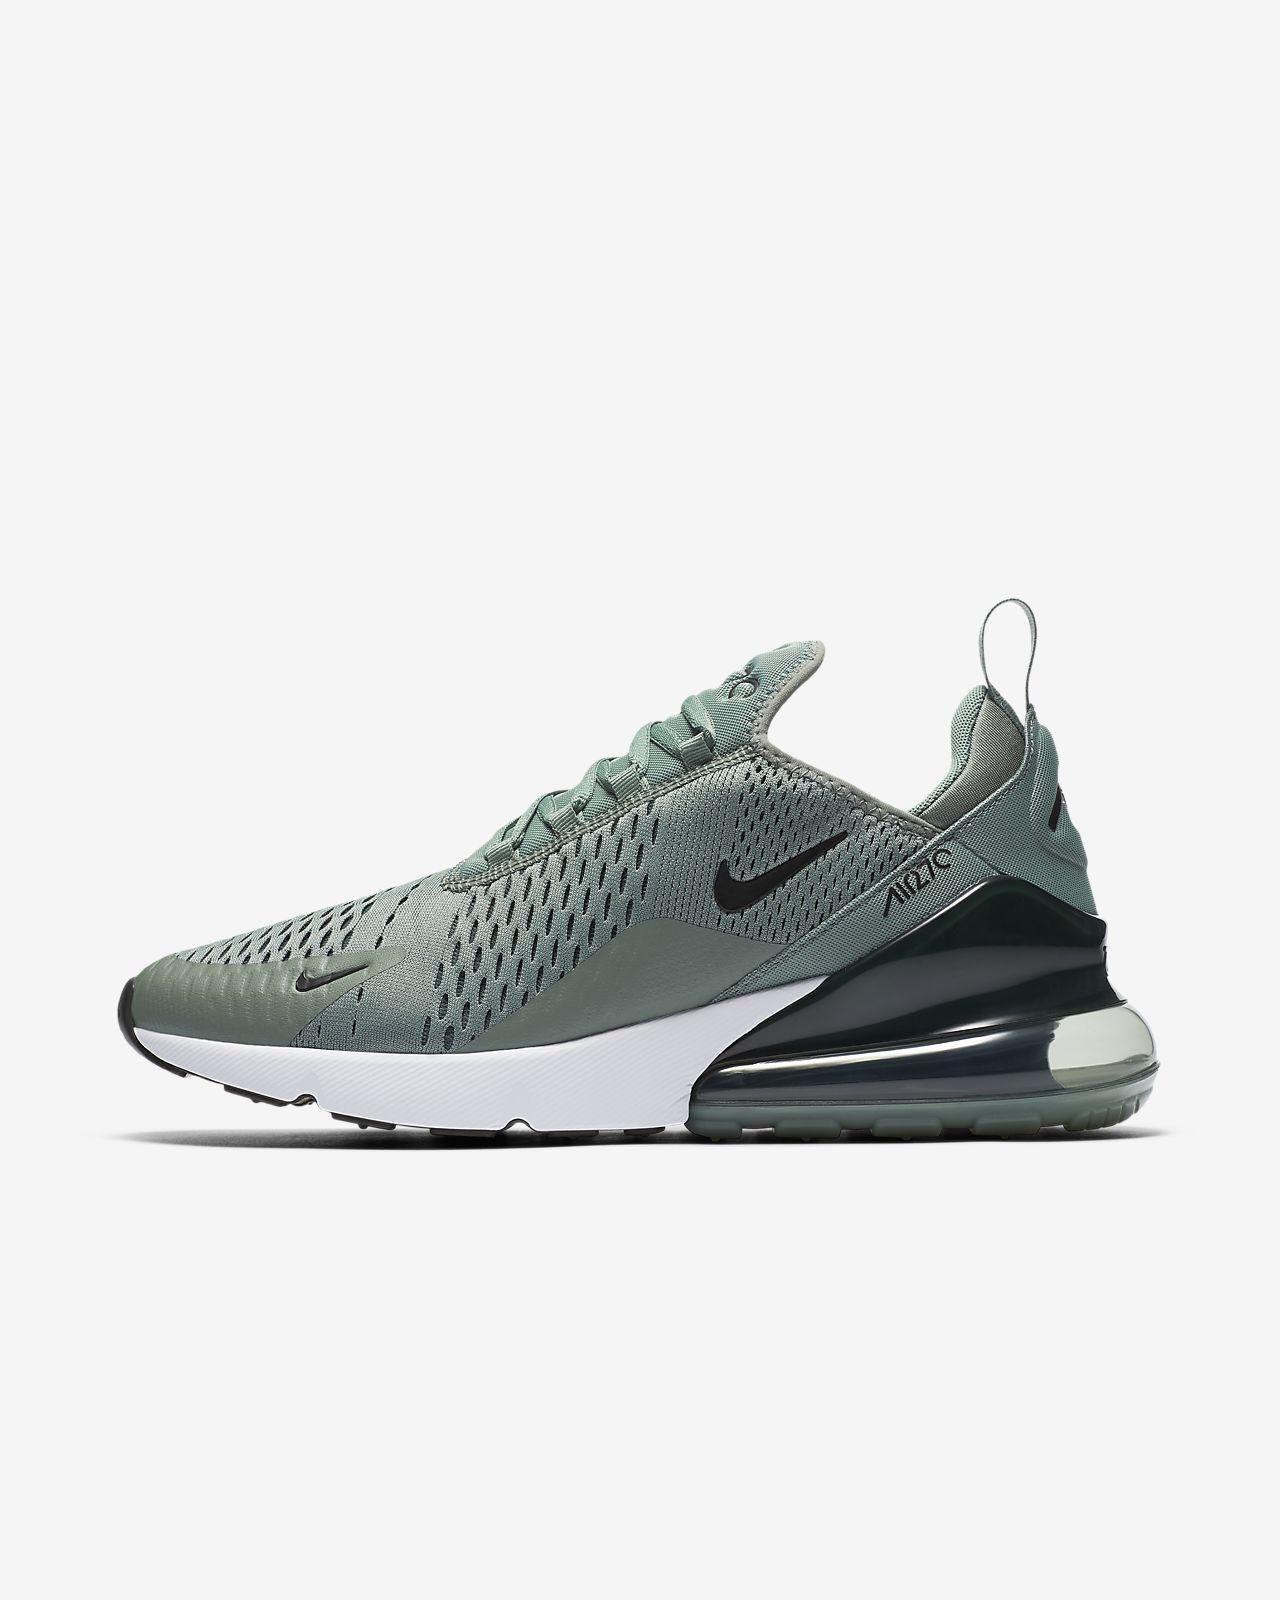 on sale 22294 1f21d Nike Air Max, Reebok, Designschoenen, Schoenen Sandalen, Tennis